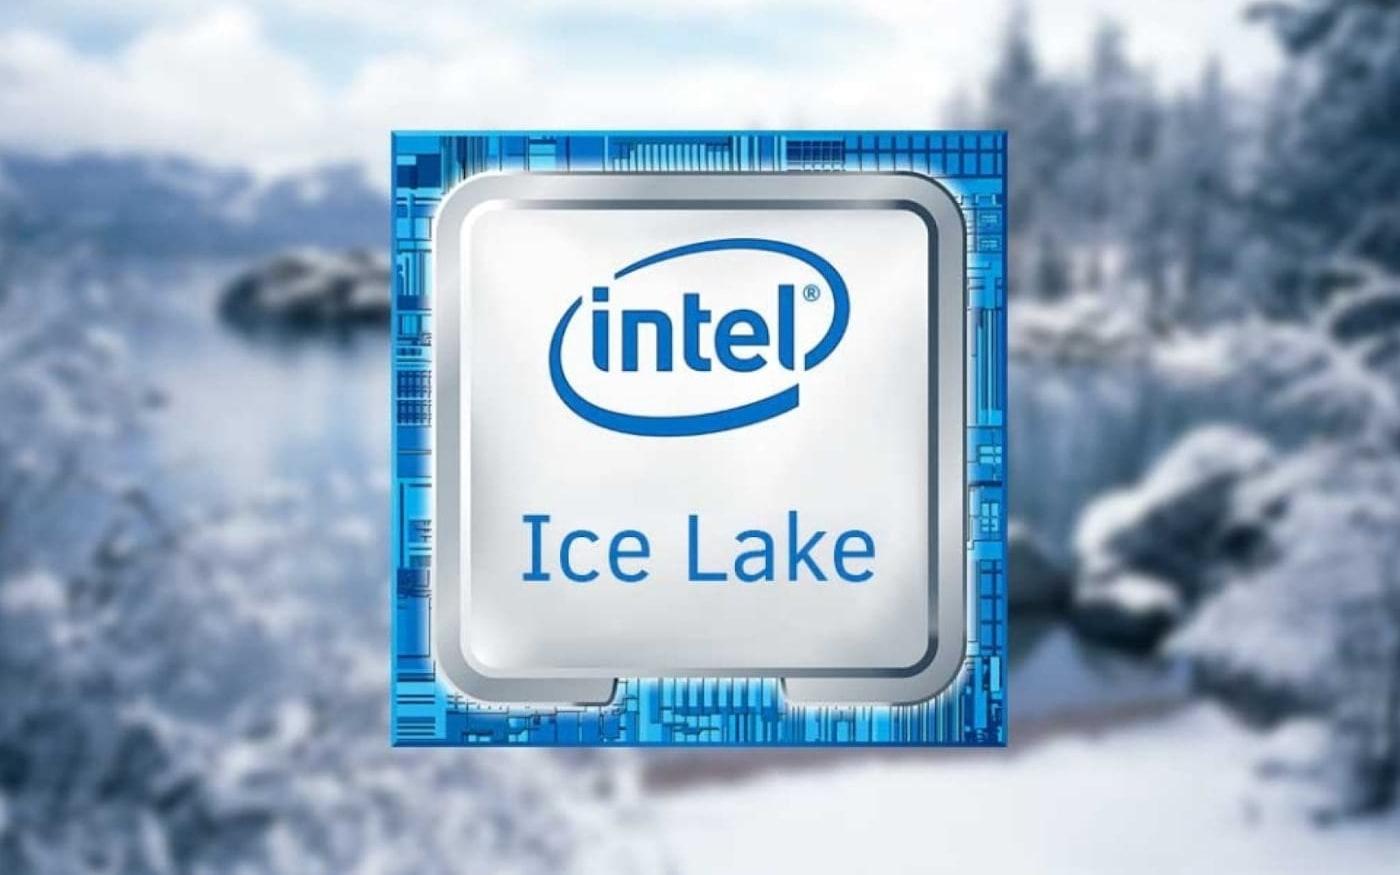 Intel detalha os gráficos Gen11 do Ice Lake: até 80% mais performance e Adaptive Sync